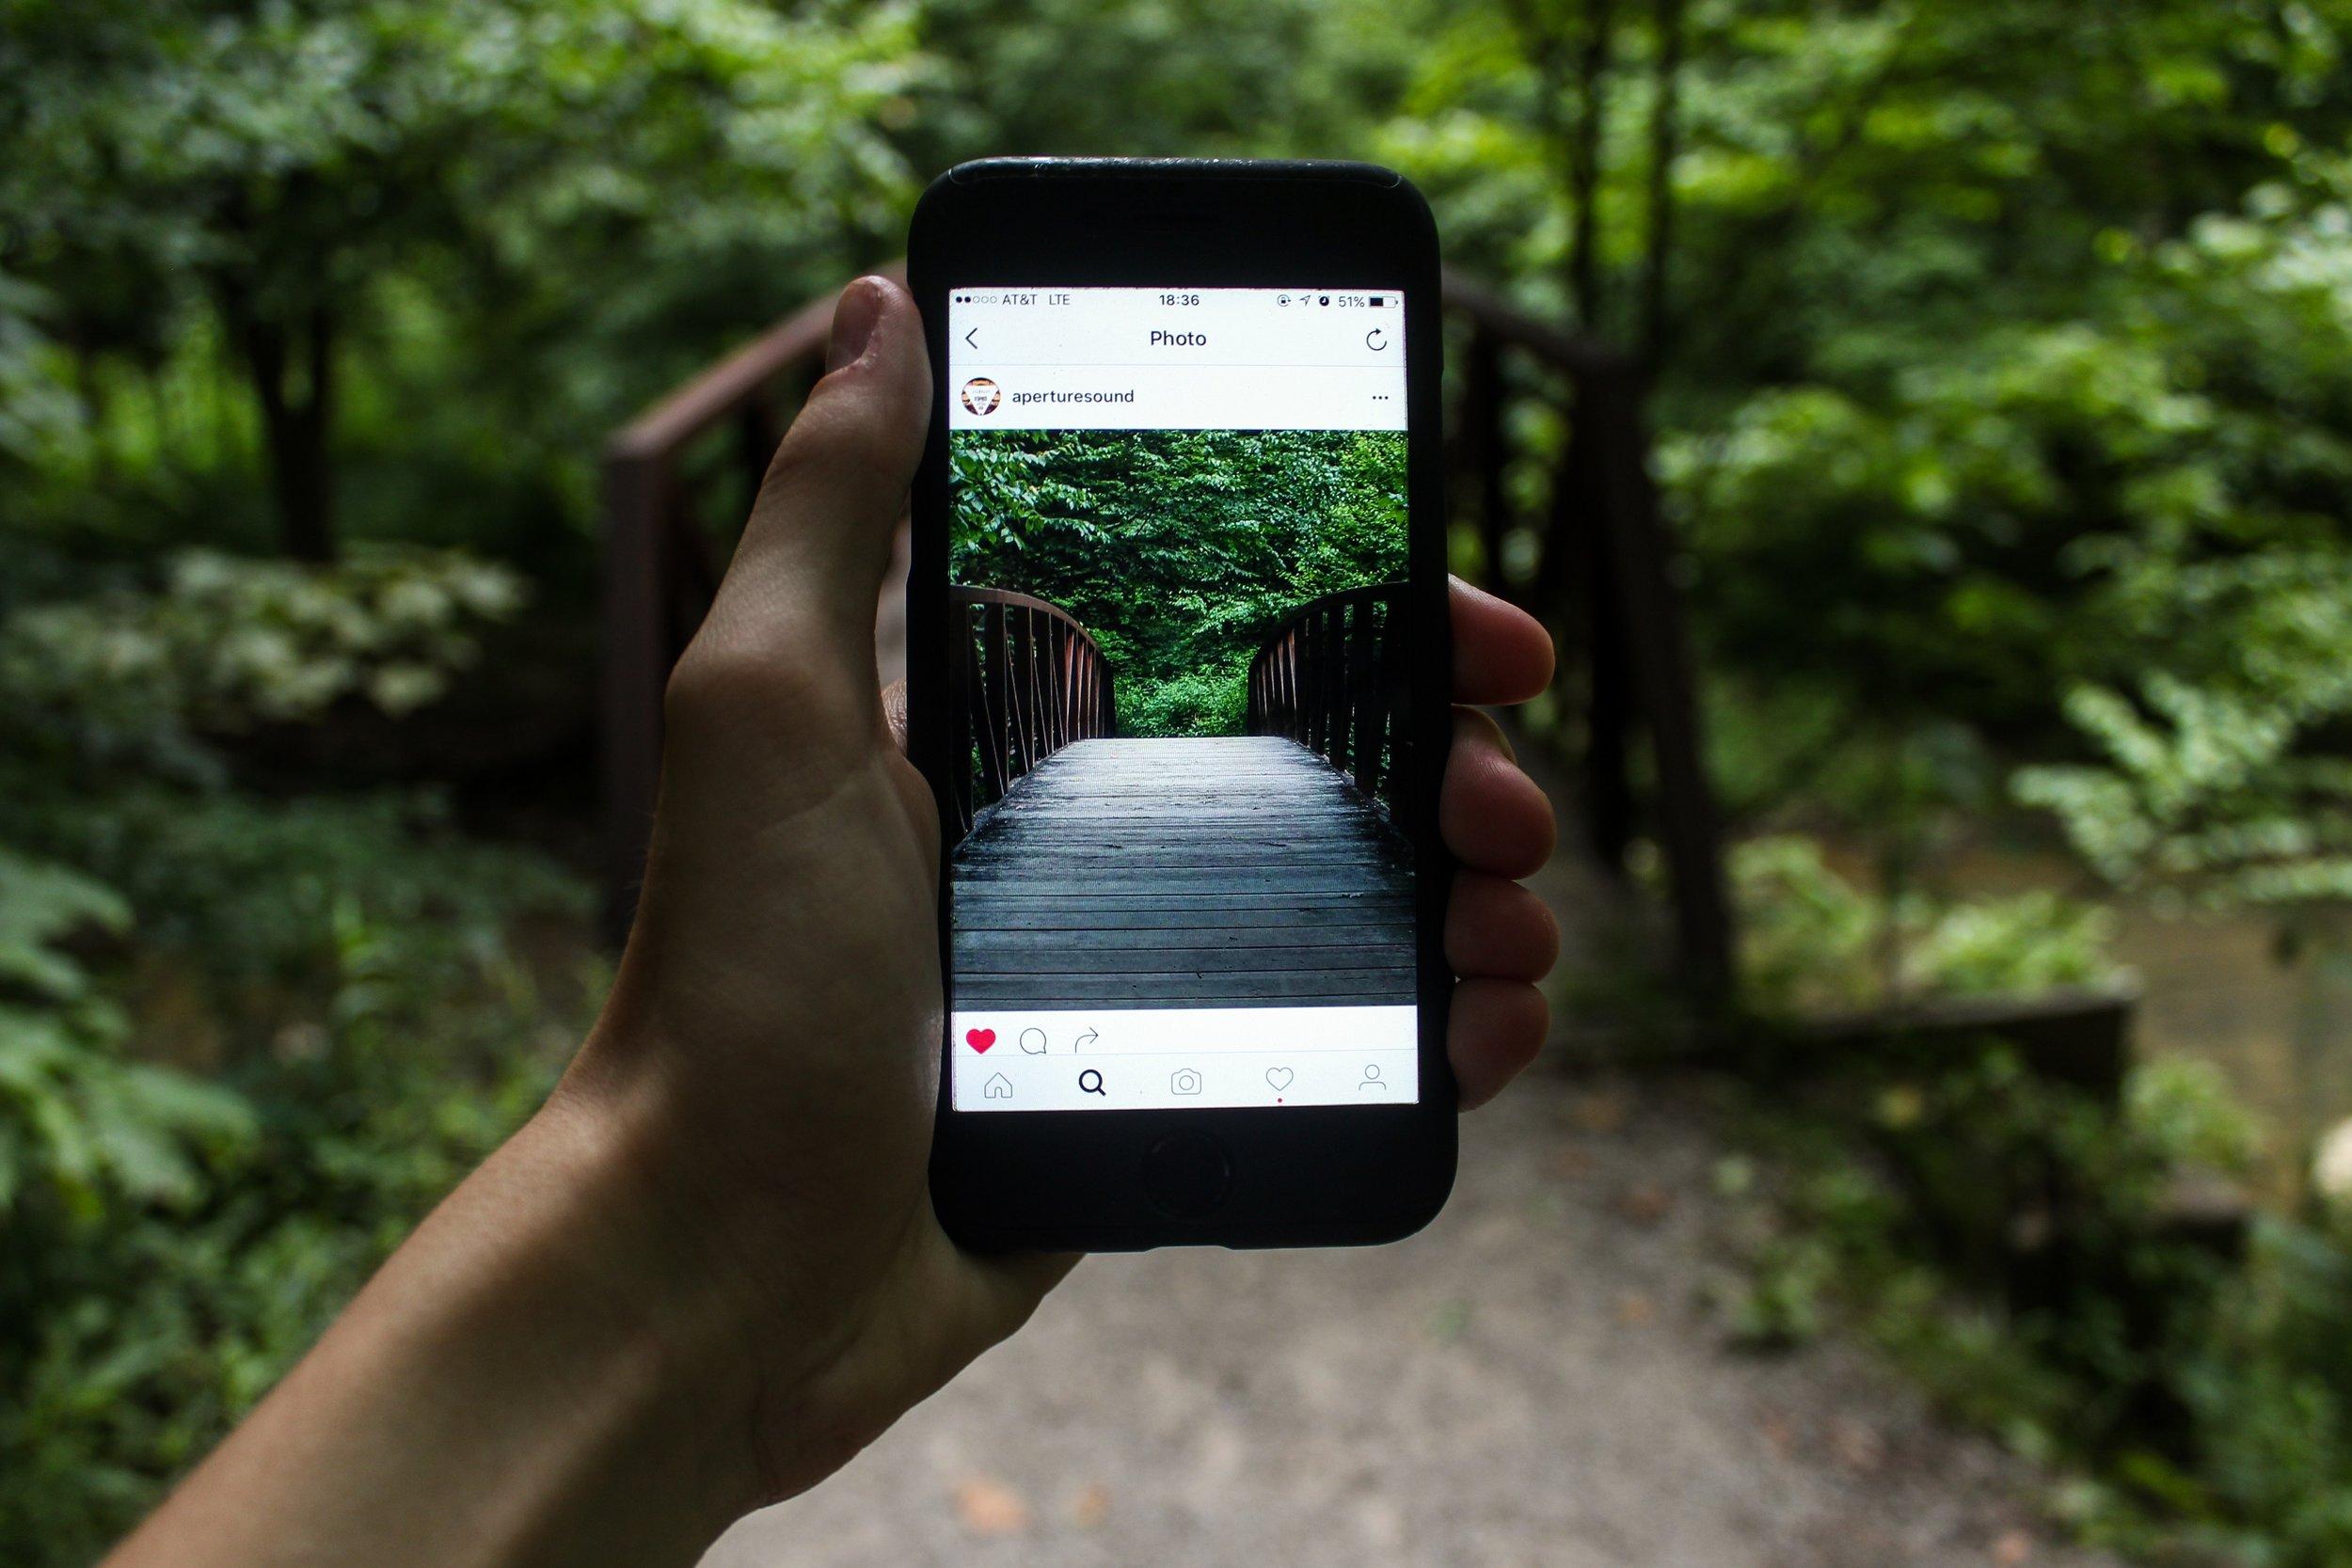 Instagram photo of bridge being held up in front of the actual bridge